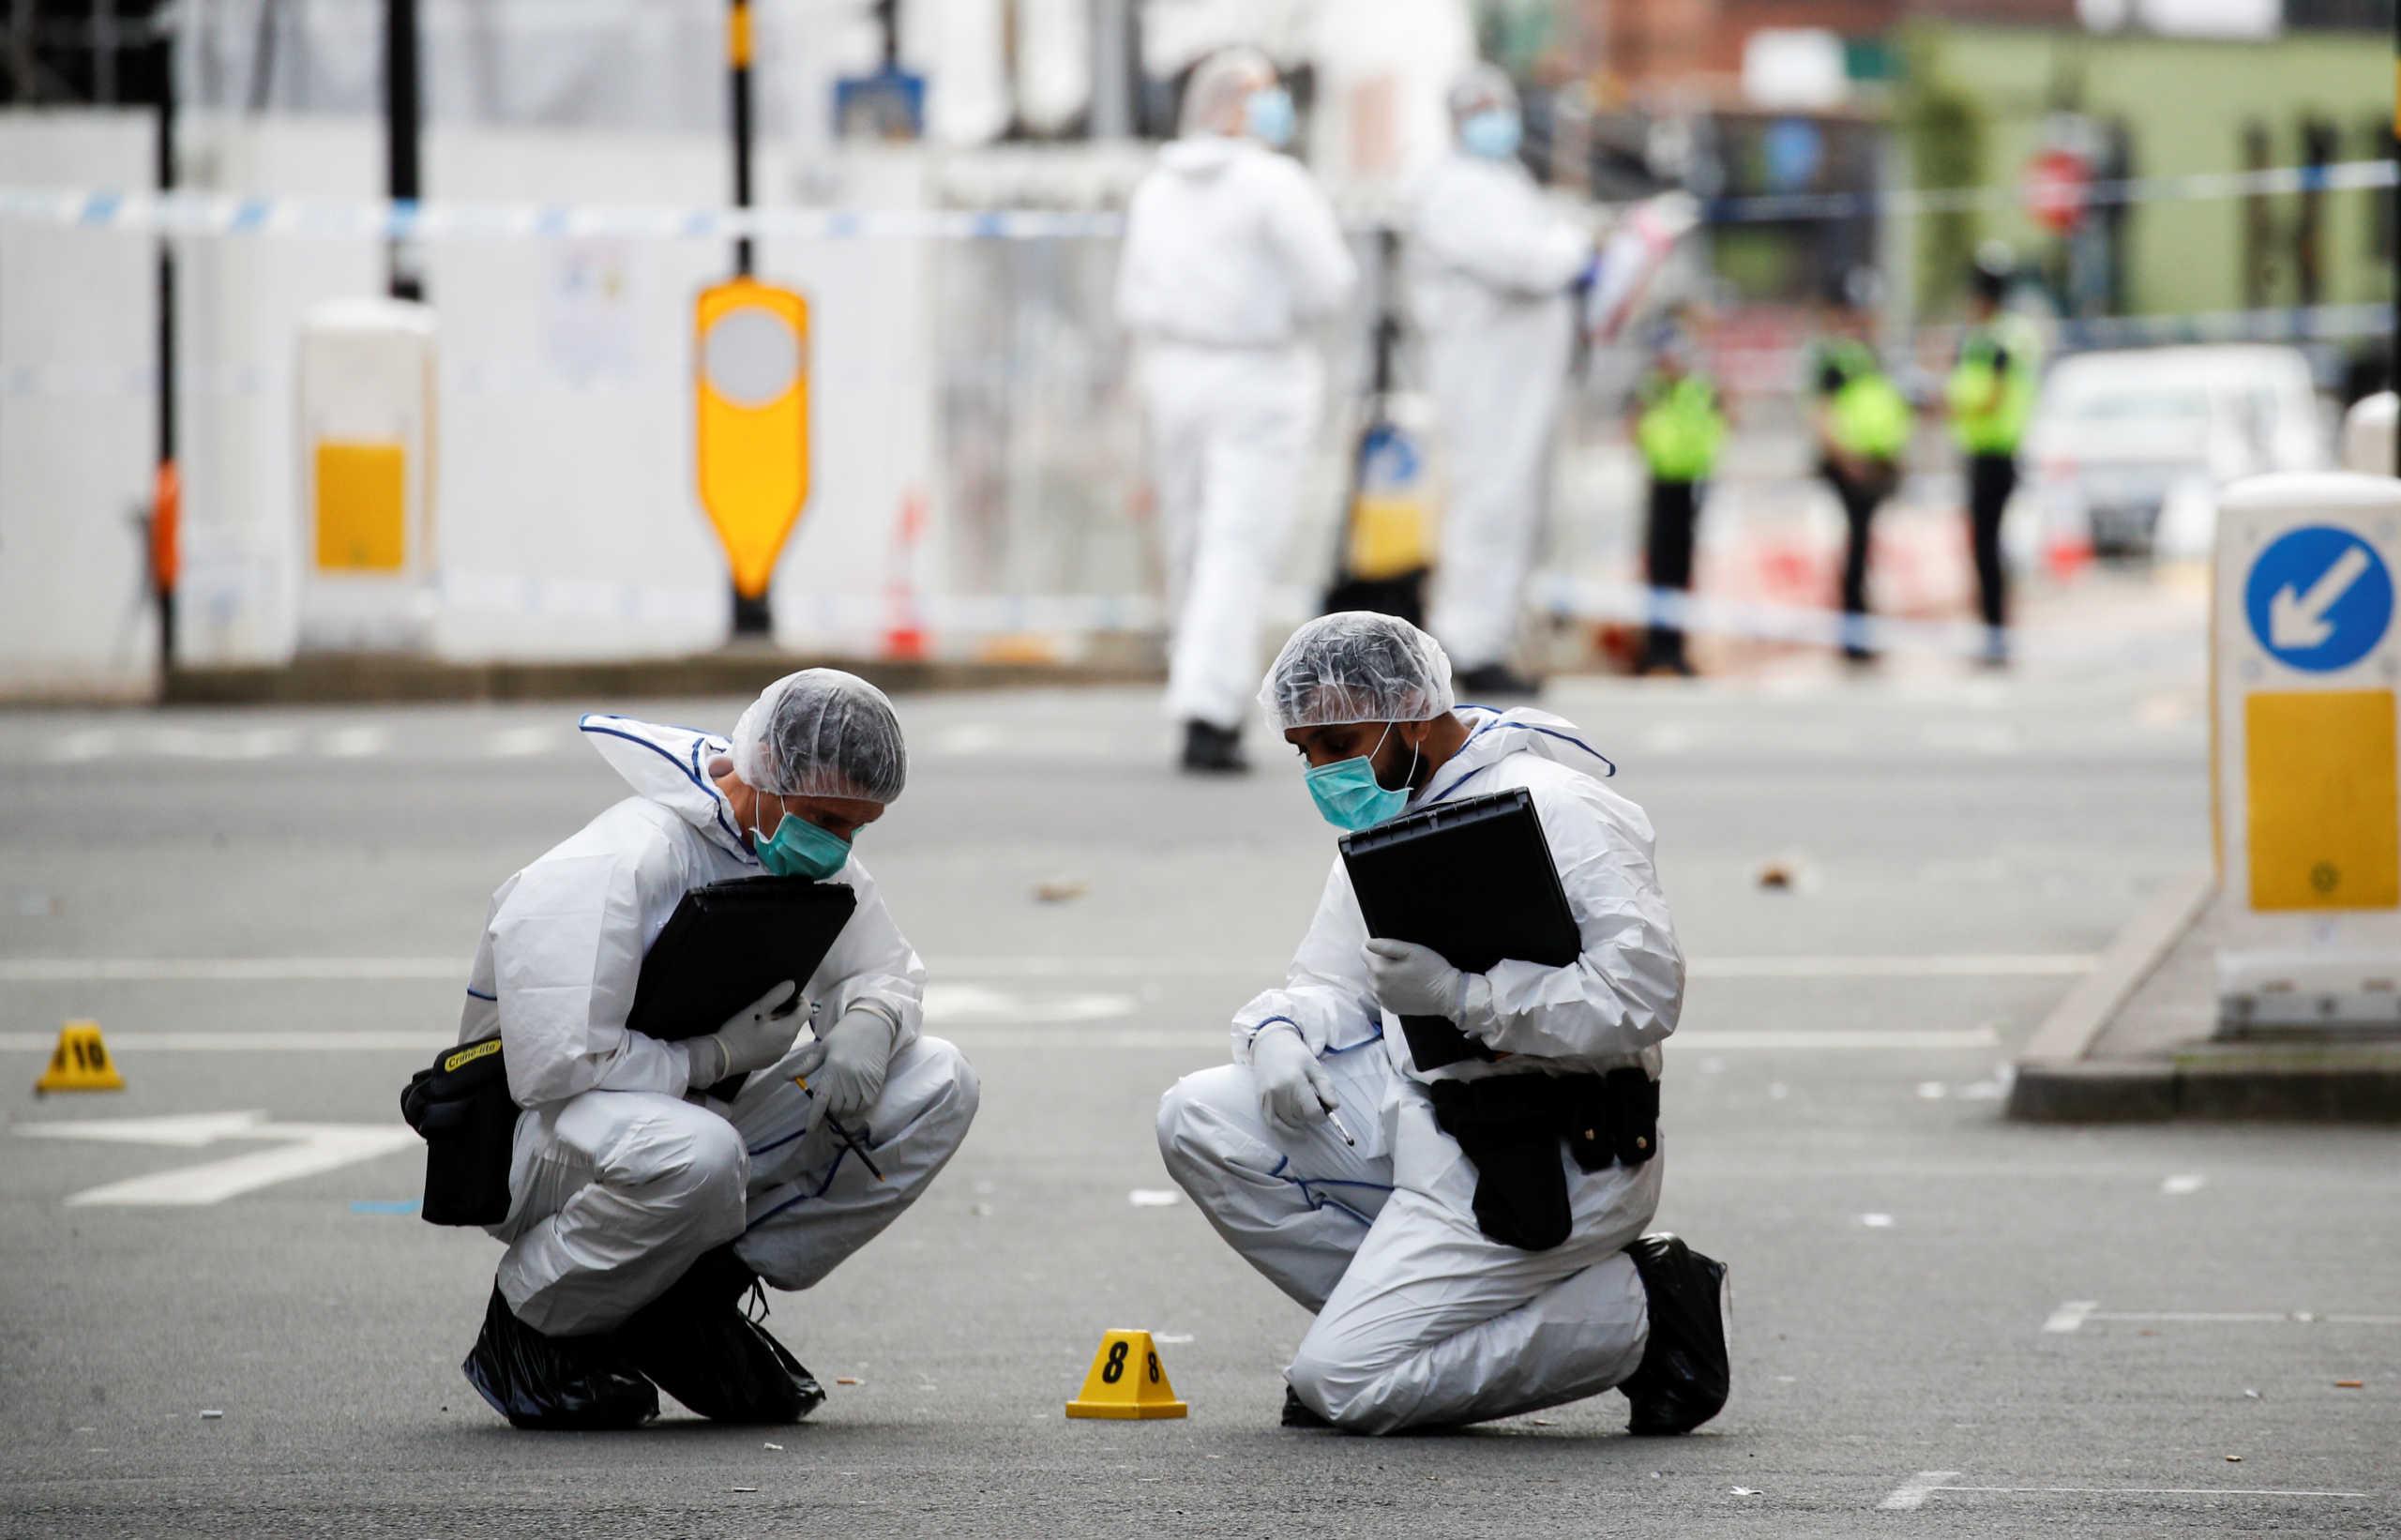 Οργή στη Βρετανία για 27χρονο που αλώνιζε με ένα μαχαίρι και σκόρπισε τον θάνατο